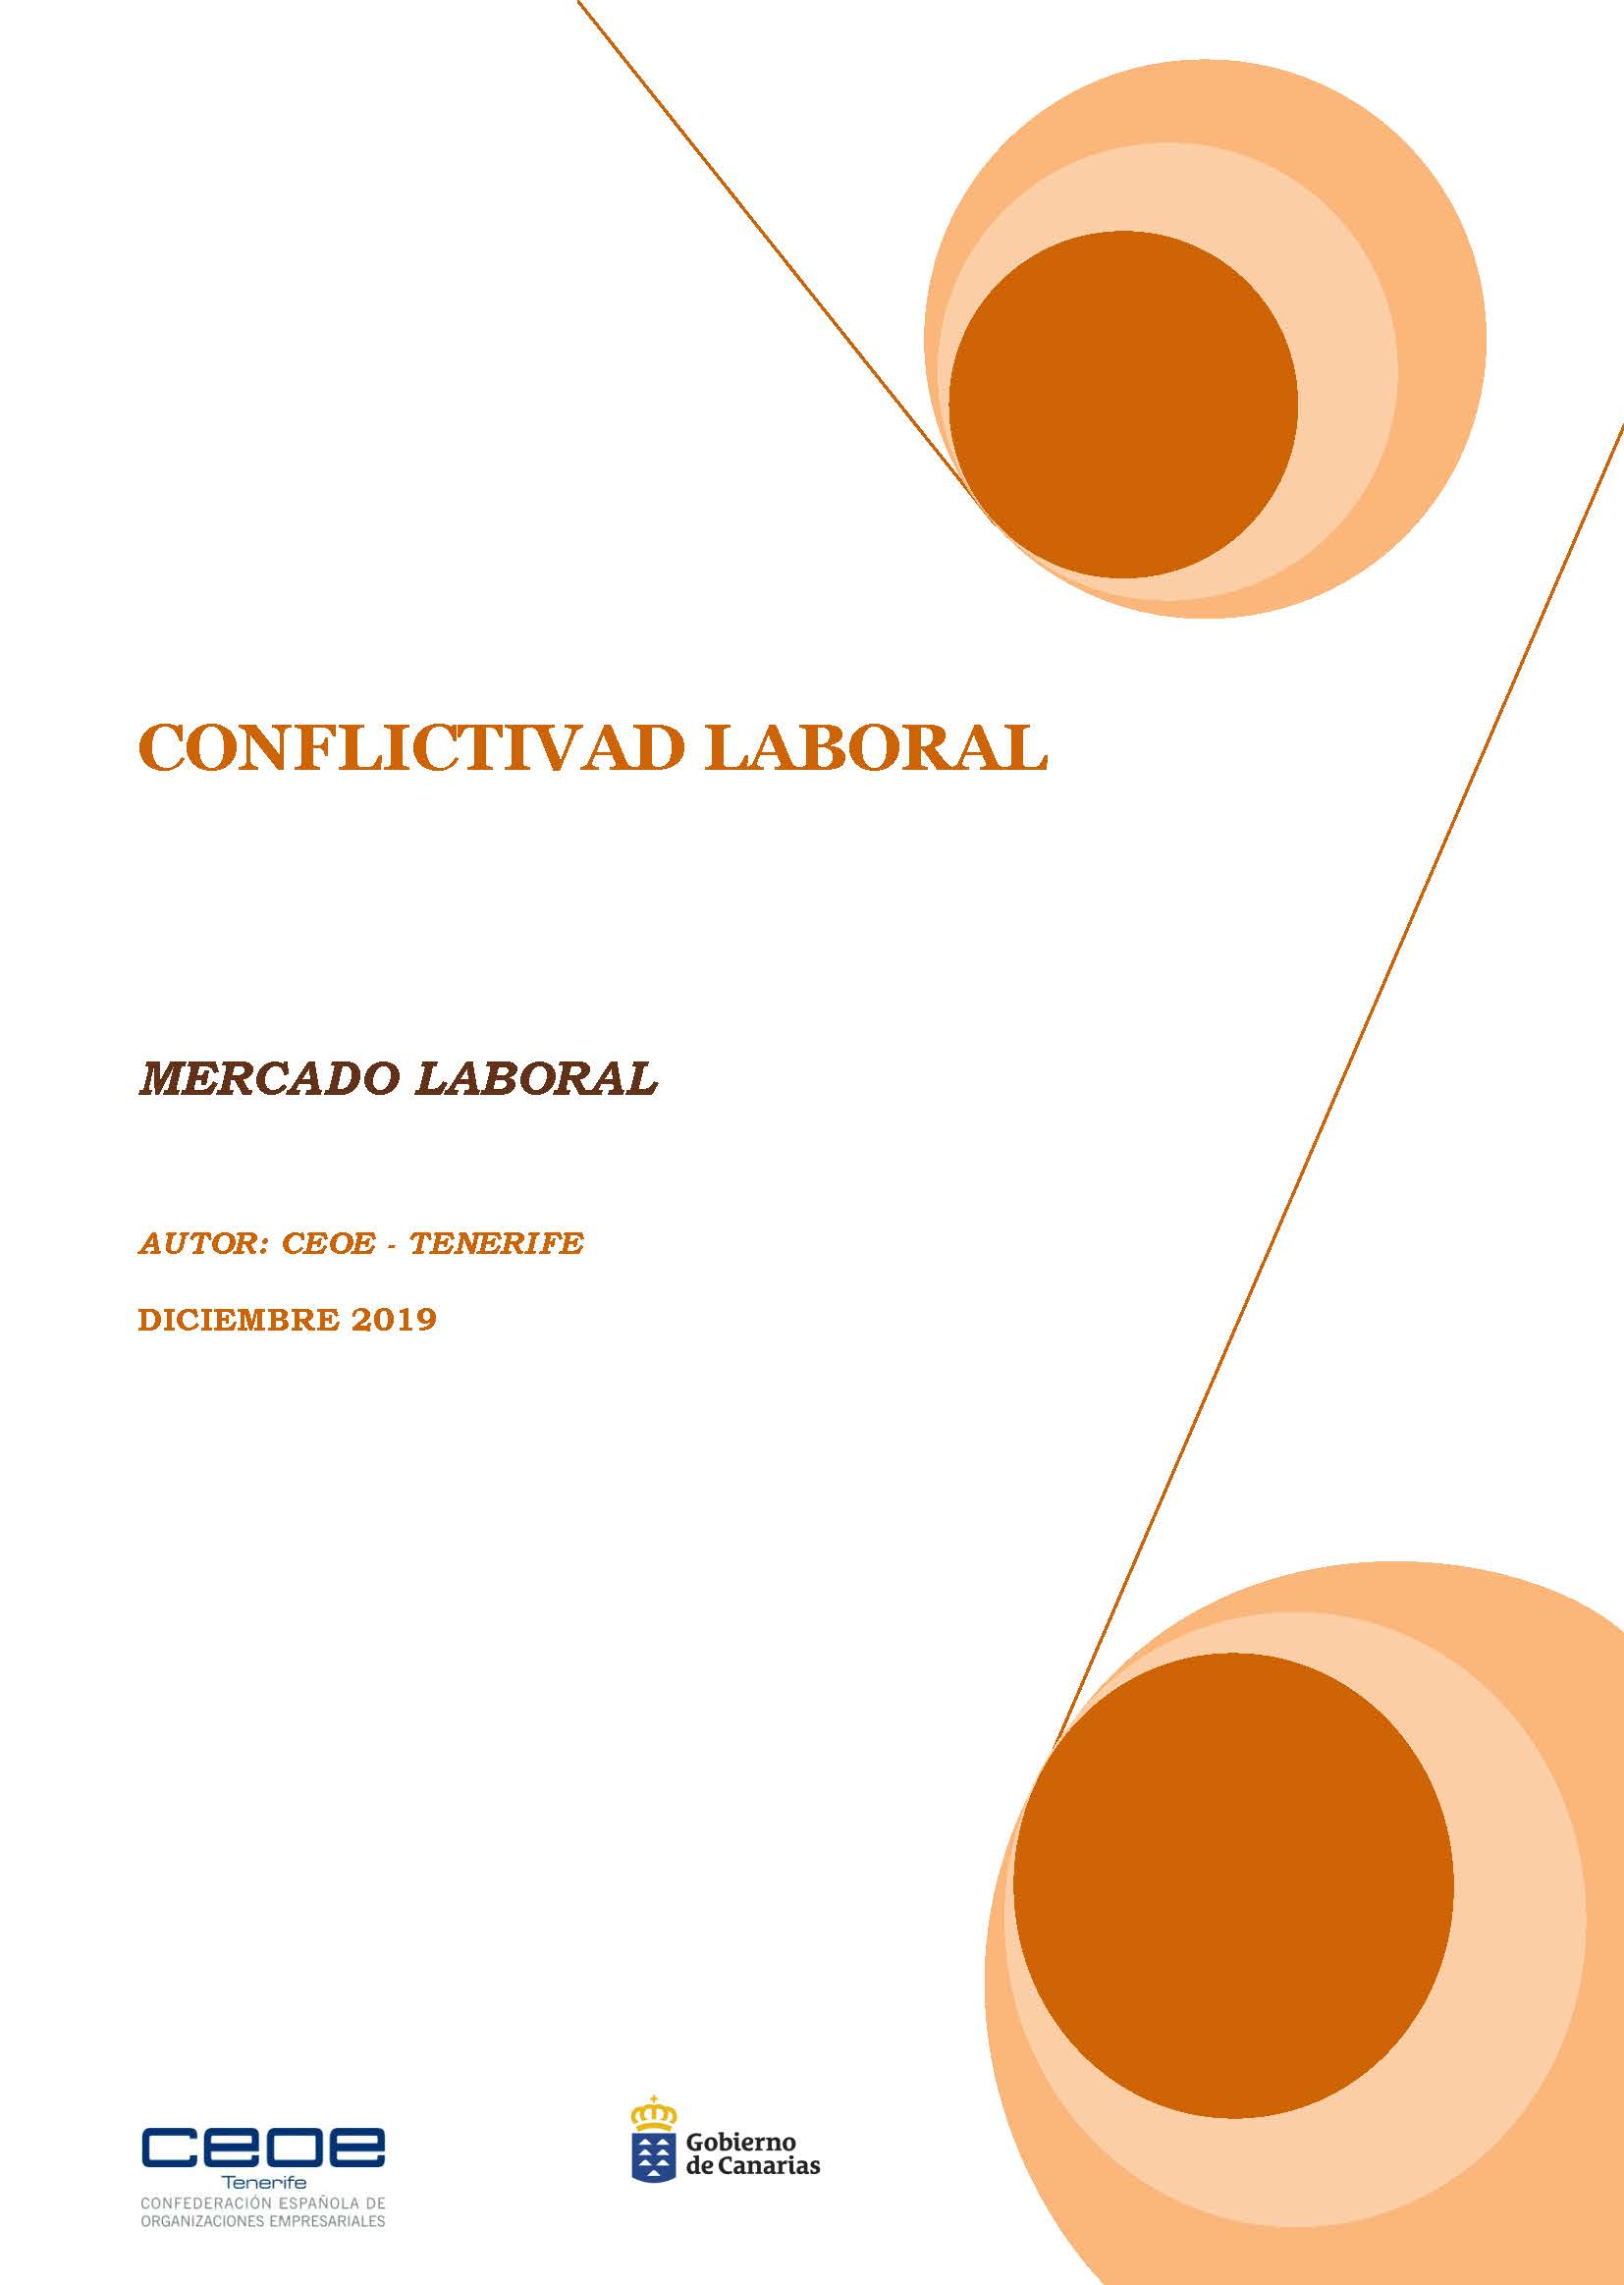 MERCADO LABORAL - CONFLICTIVIDAD LABORAL DIC2019